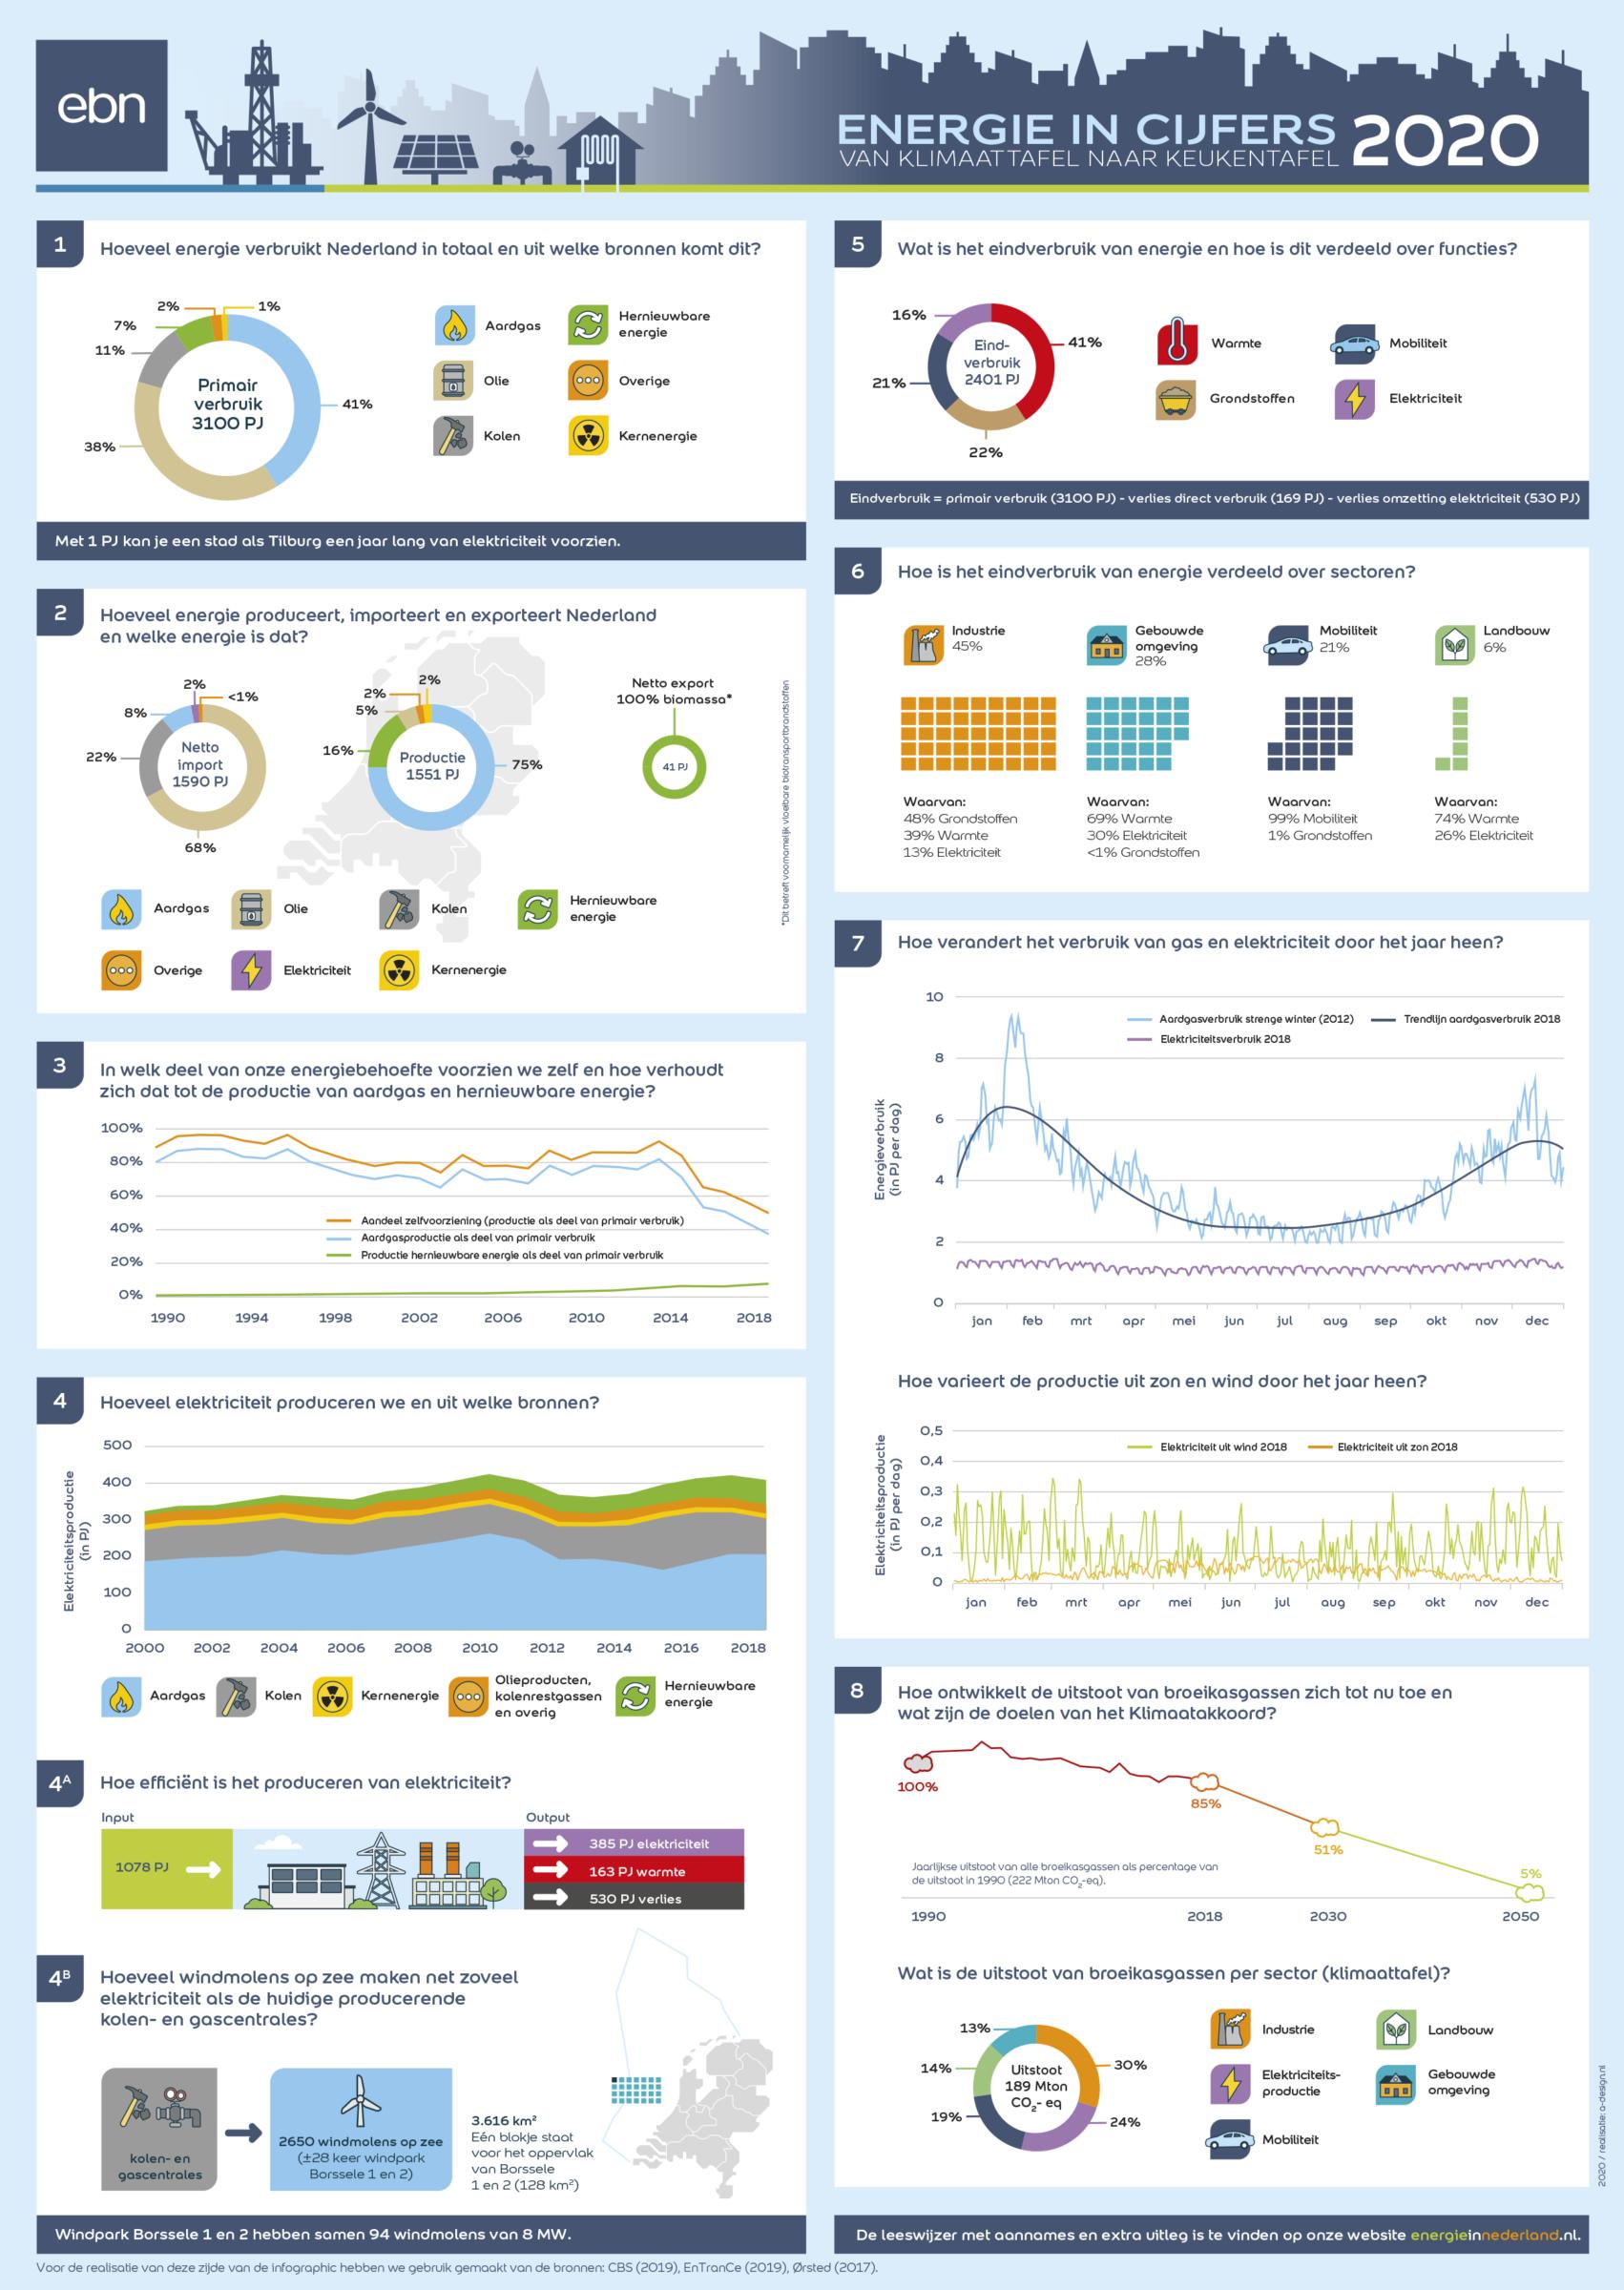 Infographic 2020 Energie in cijfers – van klimaattafel naar keukentafel